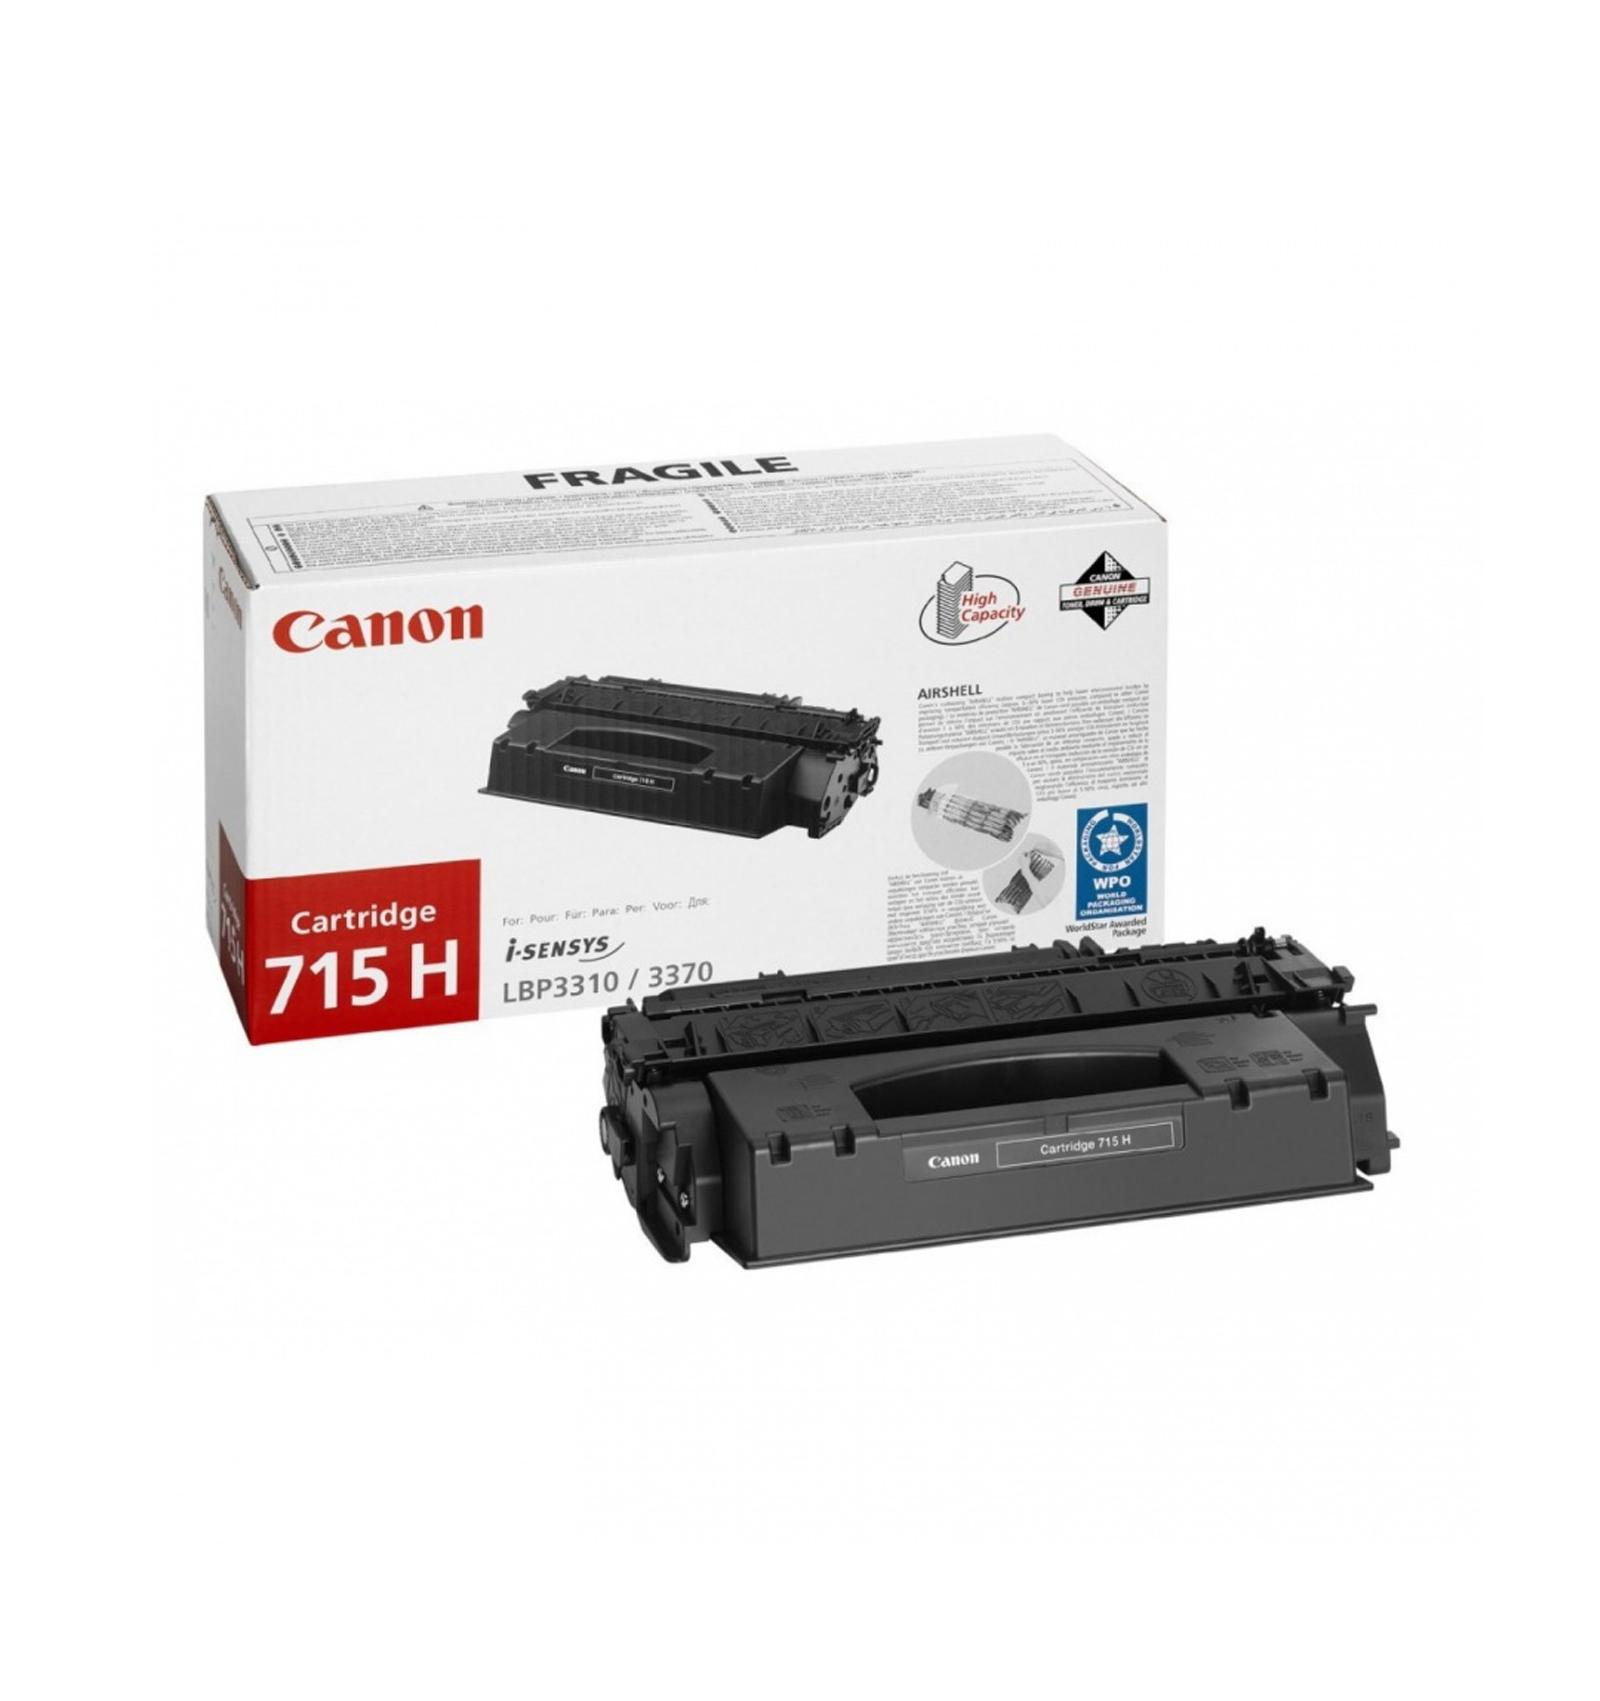 Сanon 715h Canon LBP 3310, LBP 3370